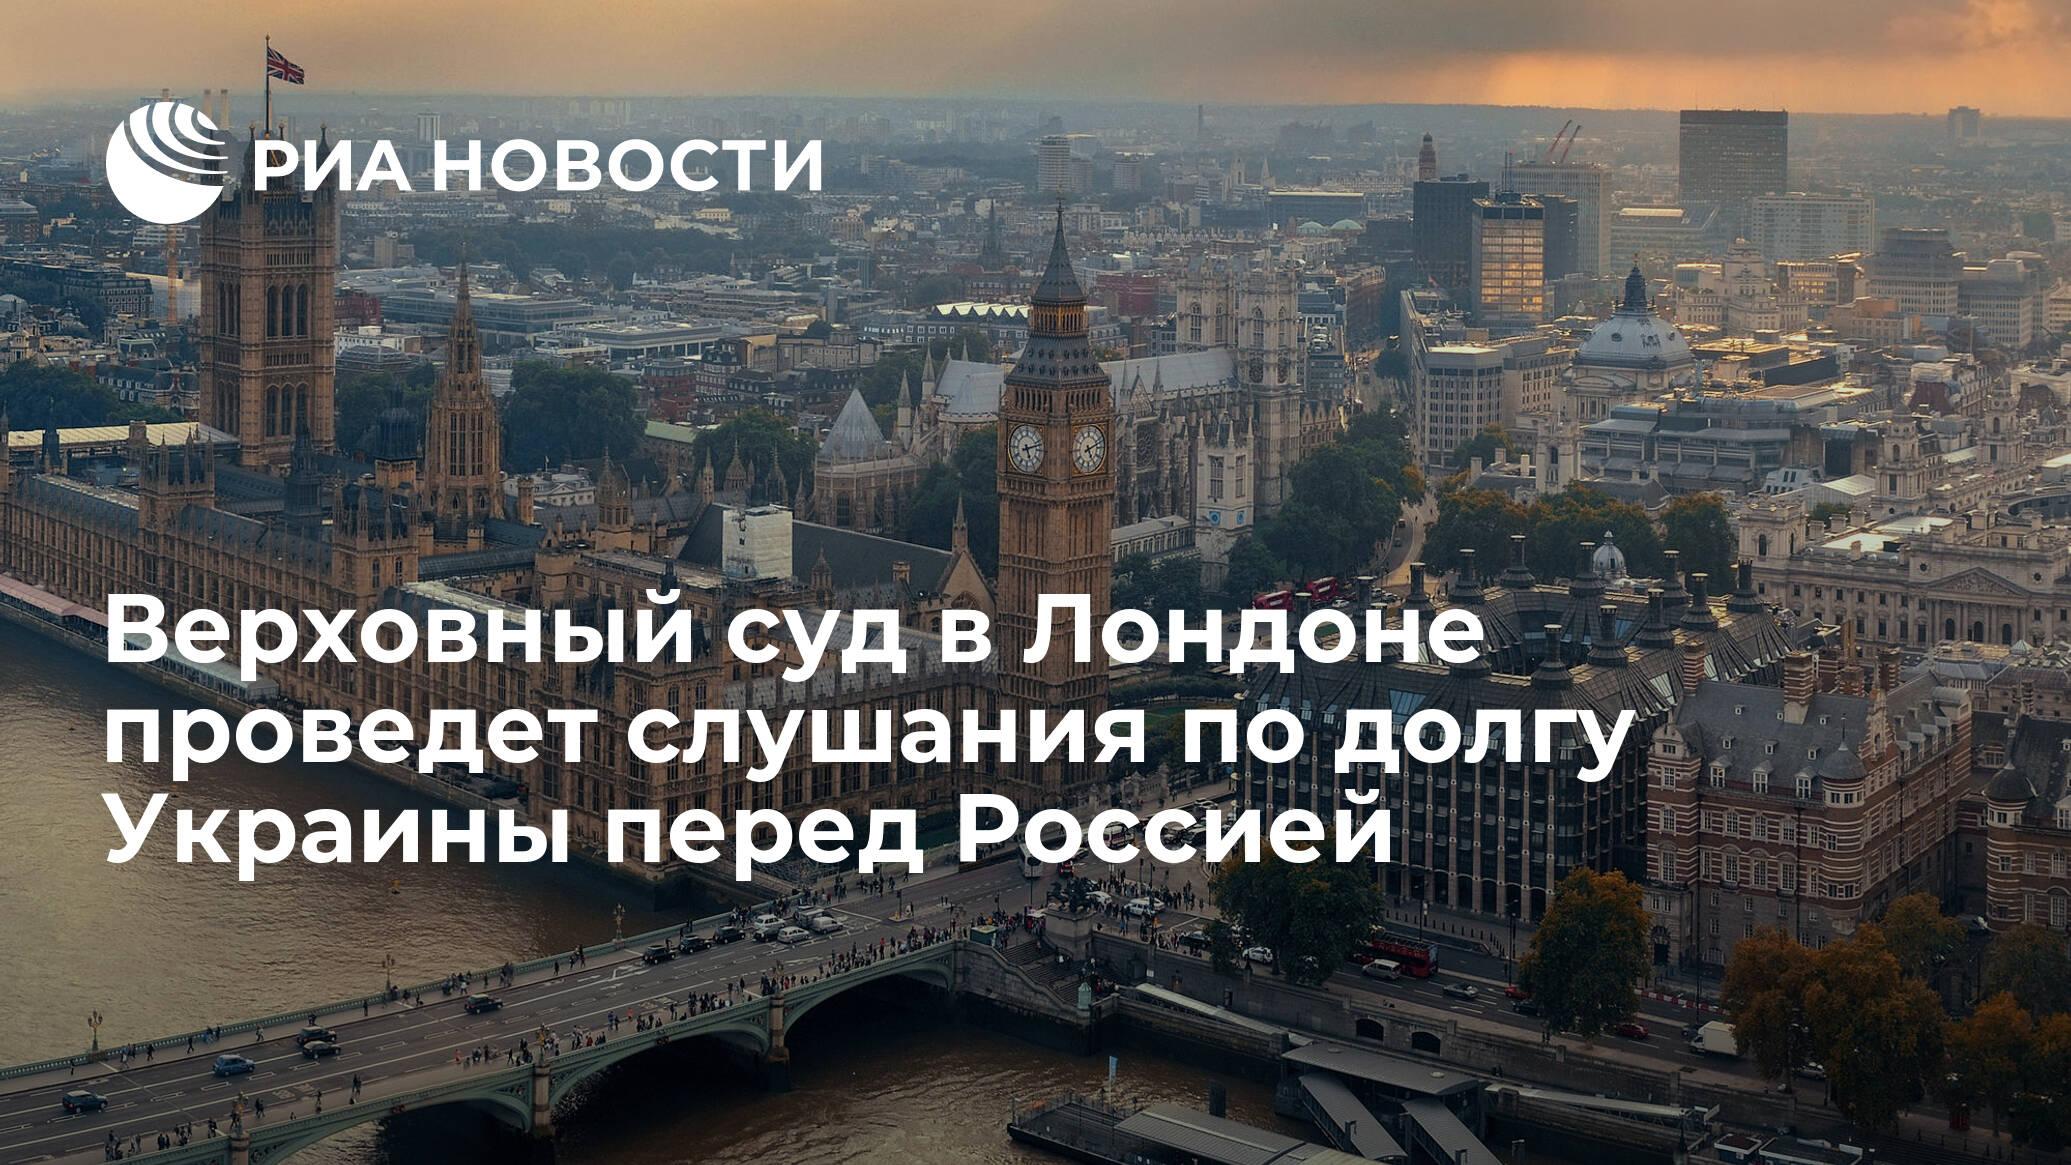 Верховный суд в Лондоне проведет слушания по долгу Украины перед Россией